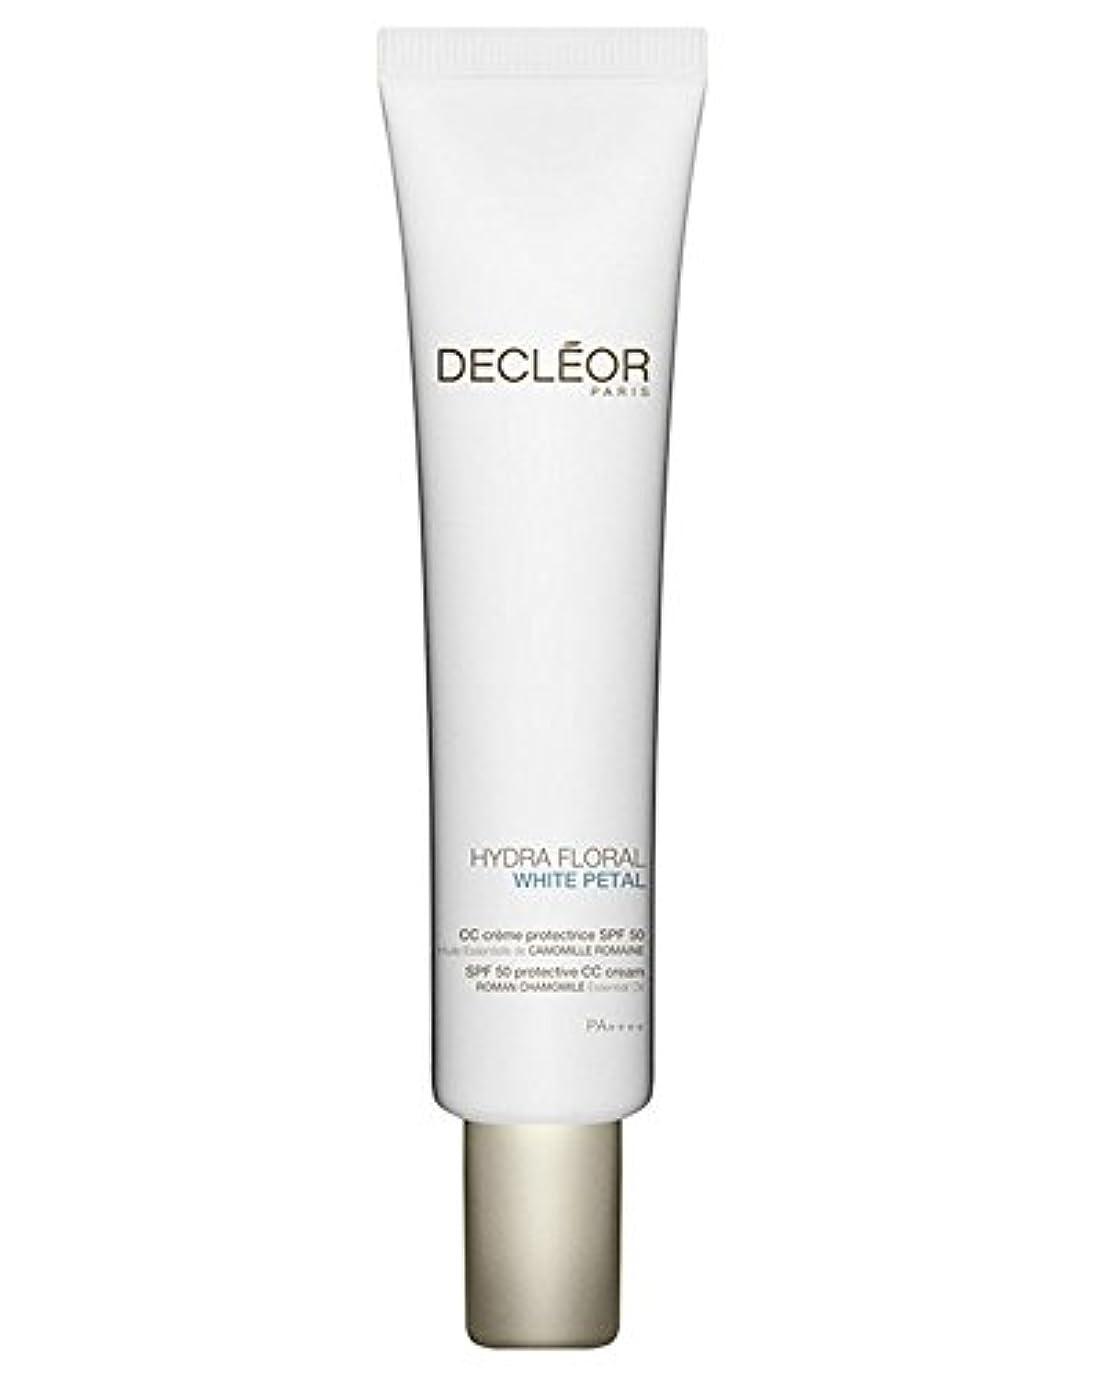 文法海藻免除するデクレオール Hydra Floral White Petal Roman Chamomile Protective CC Cream SPF50 40ml/1.3oz並行輸入品